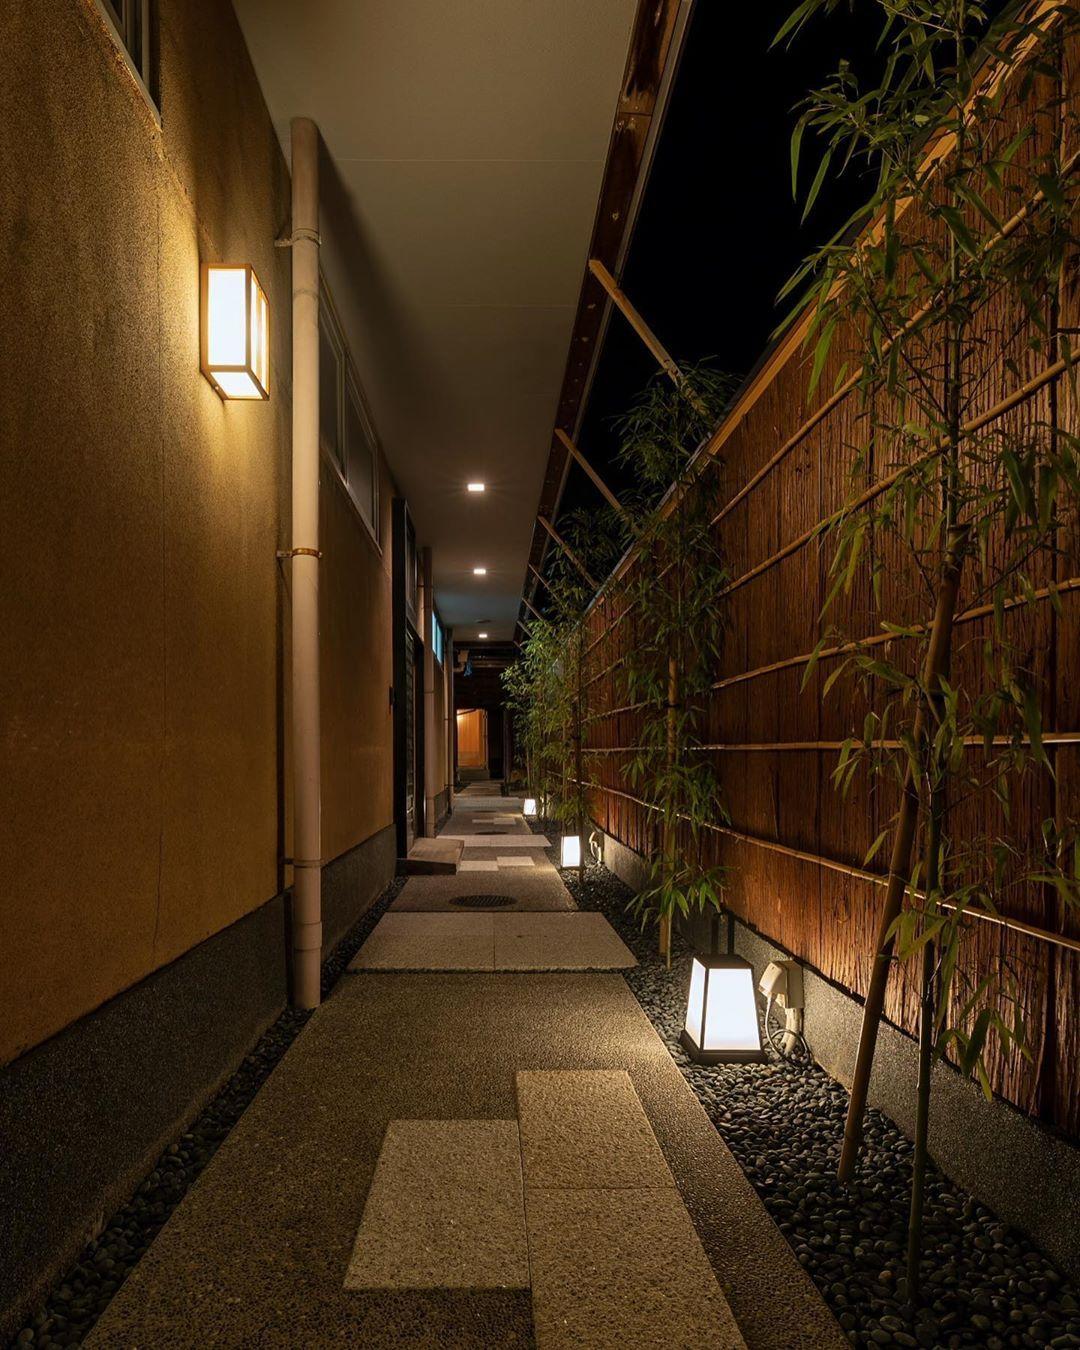 長いアプローチの場合 照明が誘導してくれることで 奥はどうなっているんだろう ってワクワクする感じが楽しいですね 和 アプローチ 照明 和風 家づくり 自由設計 三重注文住宅 三重工務店 自然素材 Living Motif Kiki マイホー 中庭のデザイン